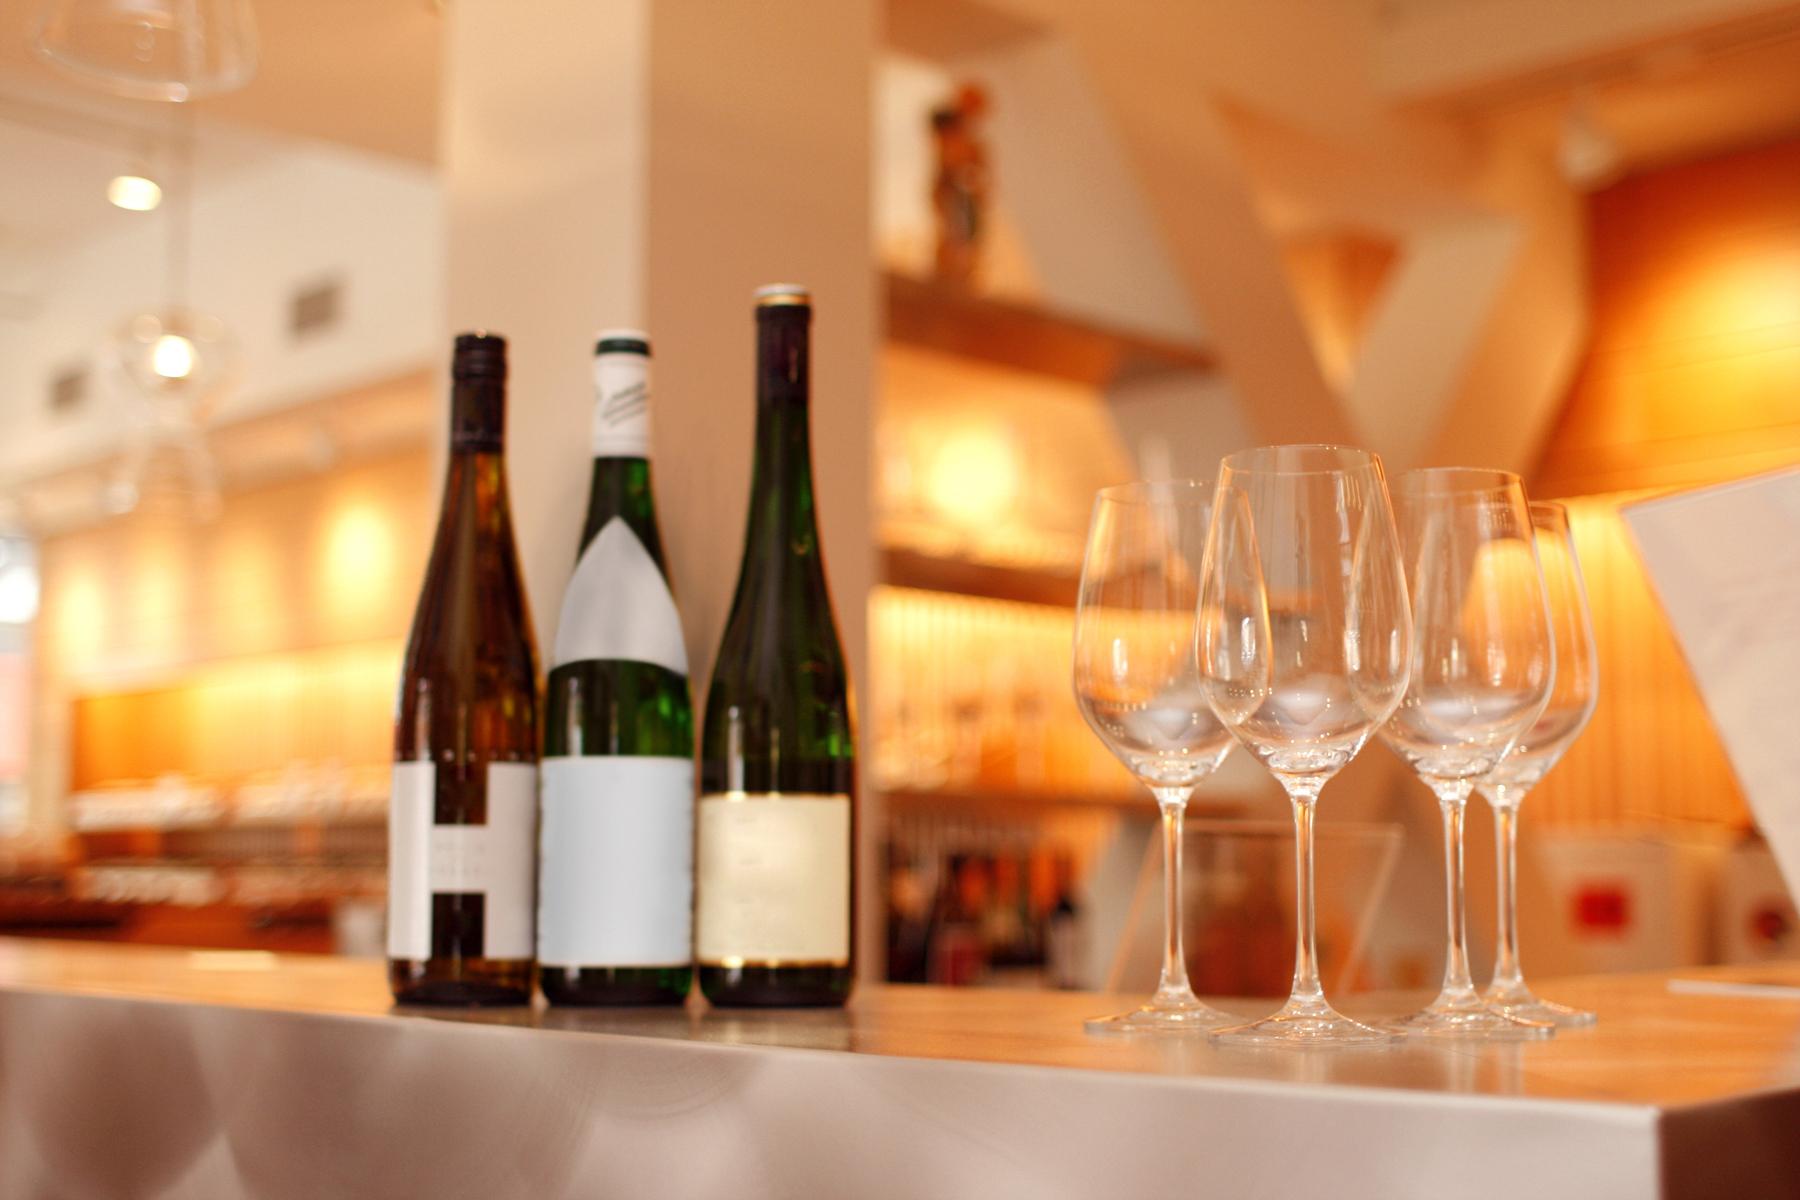 wine glasses bottles